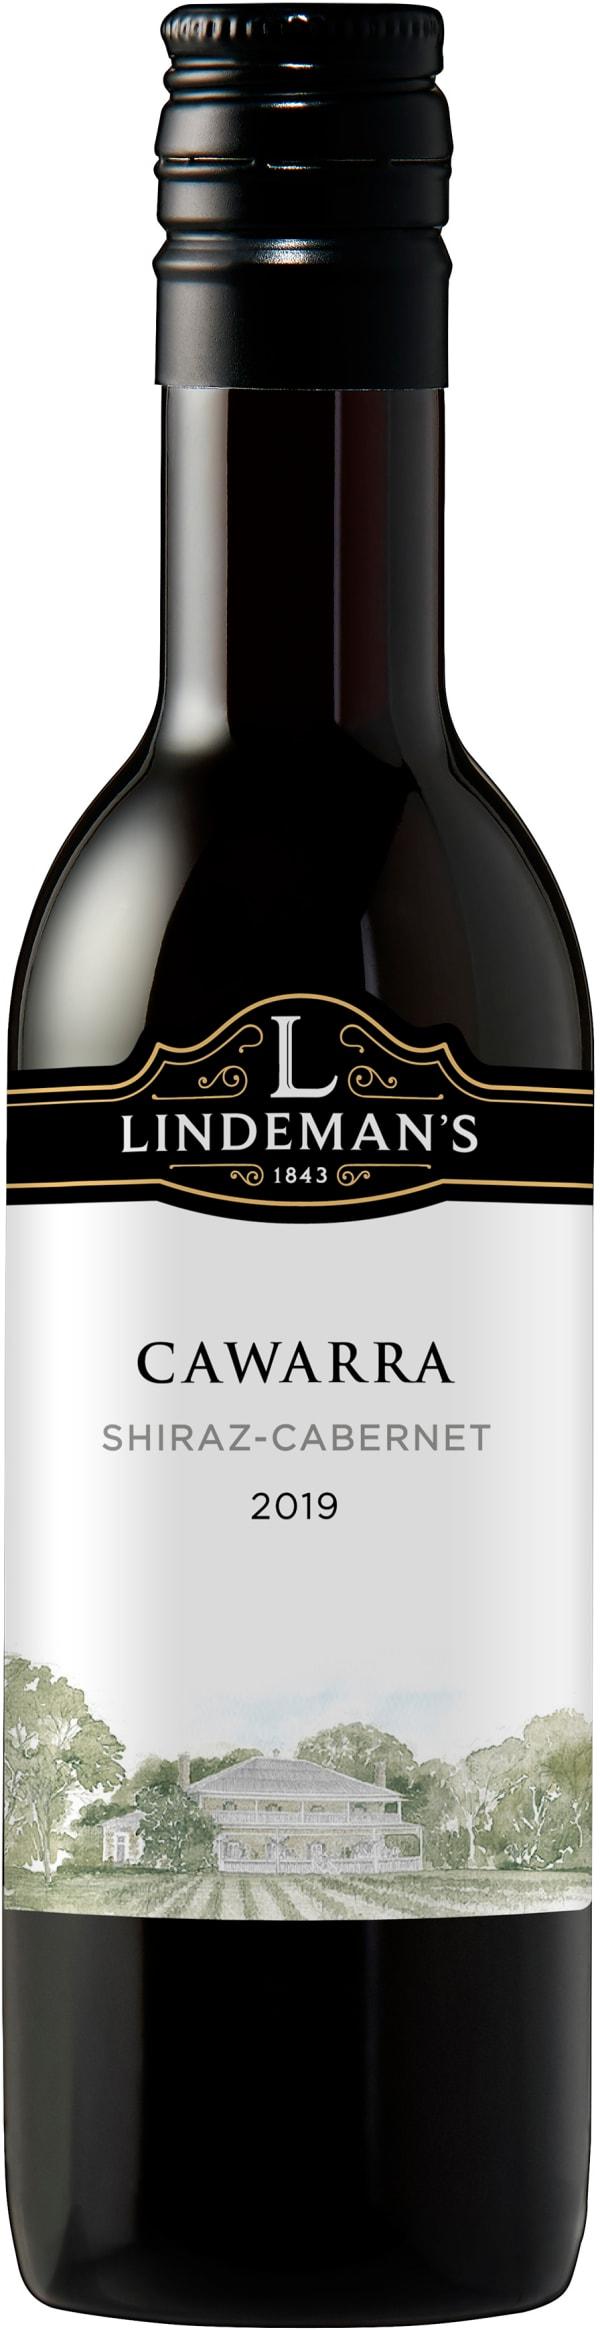 Lindeman's Cawarra Shiraz Cabernet 2017